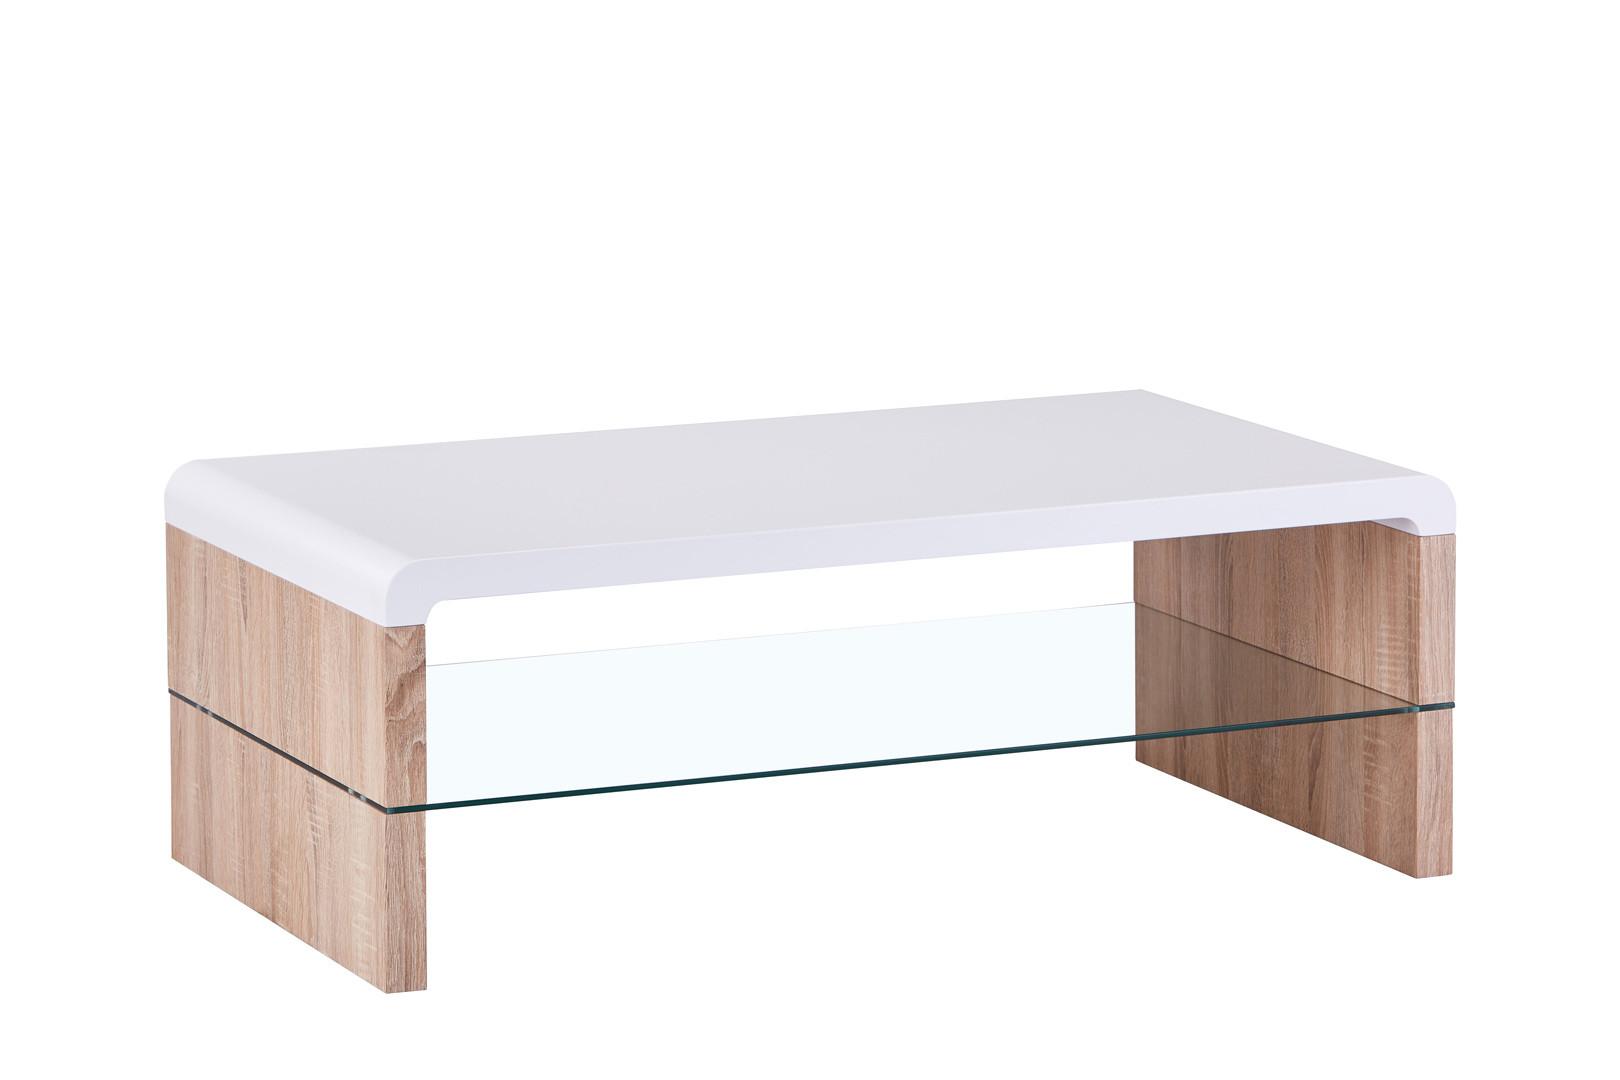 Table En Bois Chene Clair table basse contemporaine bois et verre chêne clair/blanc katia